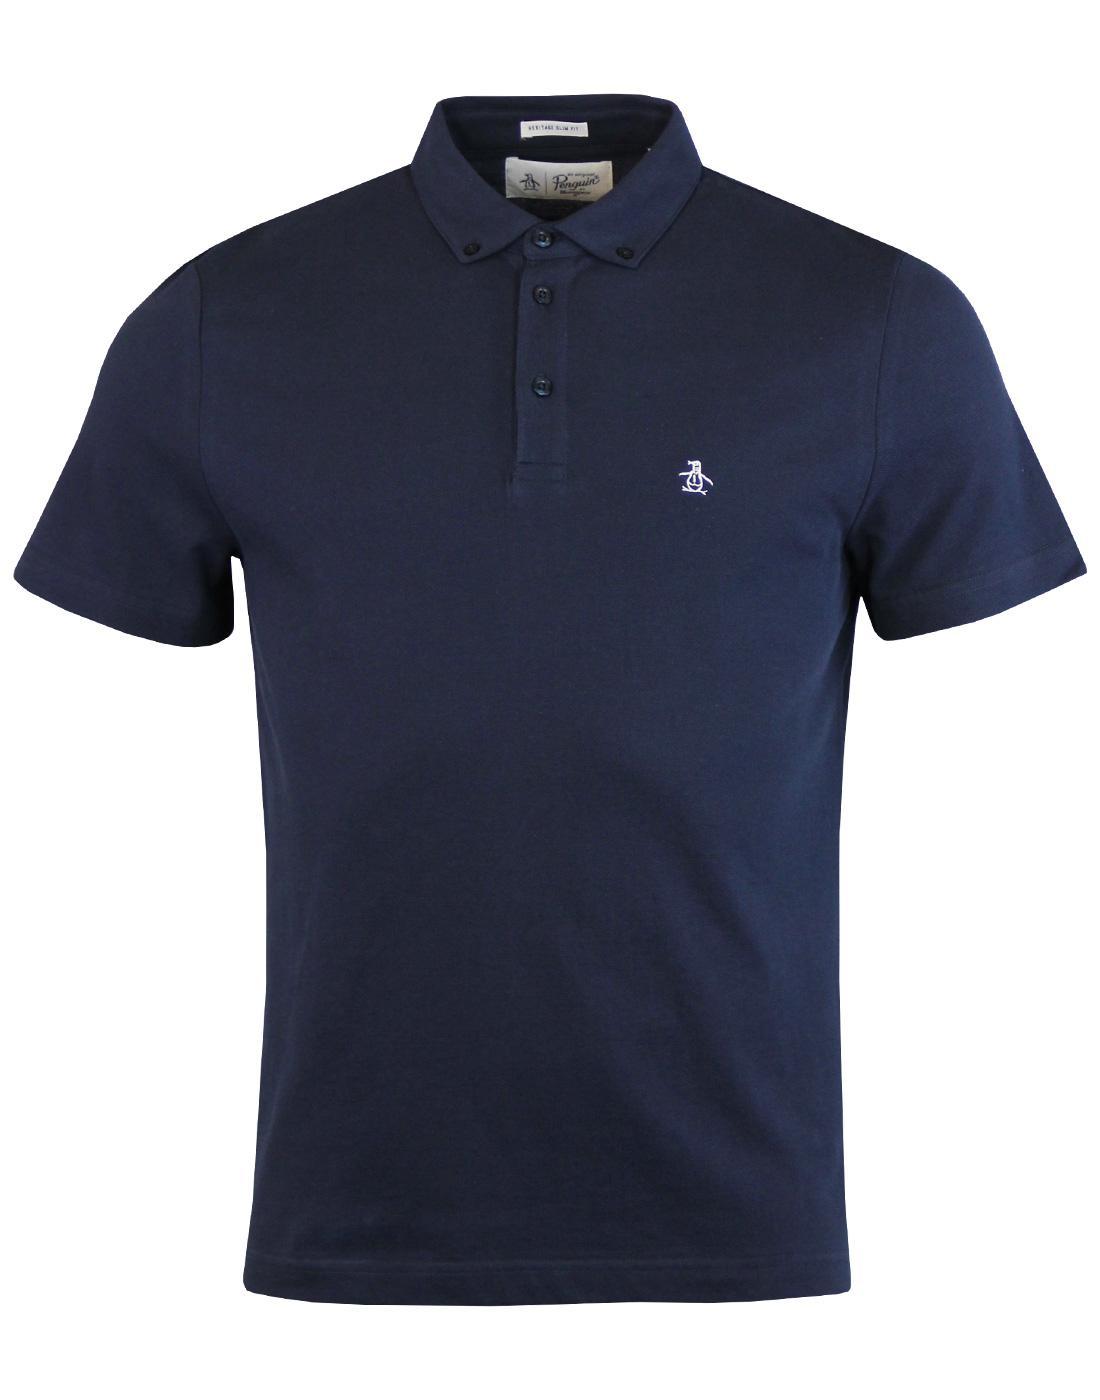 ORIGINAL PENGUIN Mod Button Down Pique Polo Shirt